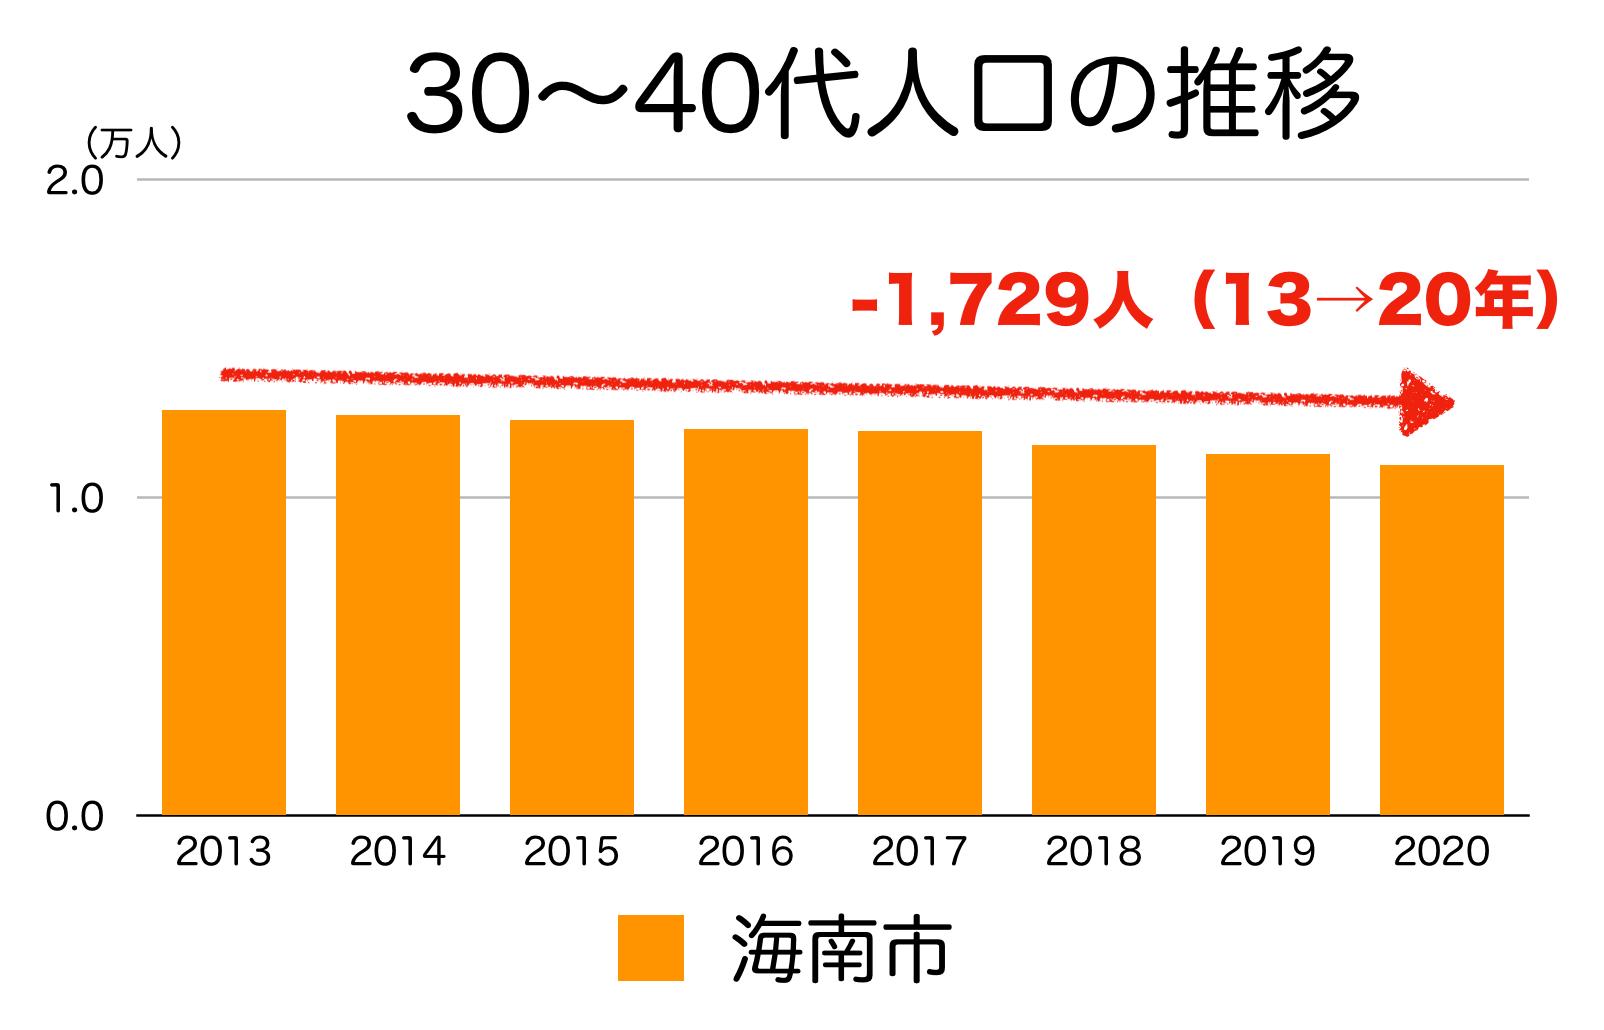 海南市の30〜40代人口の推移